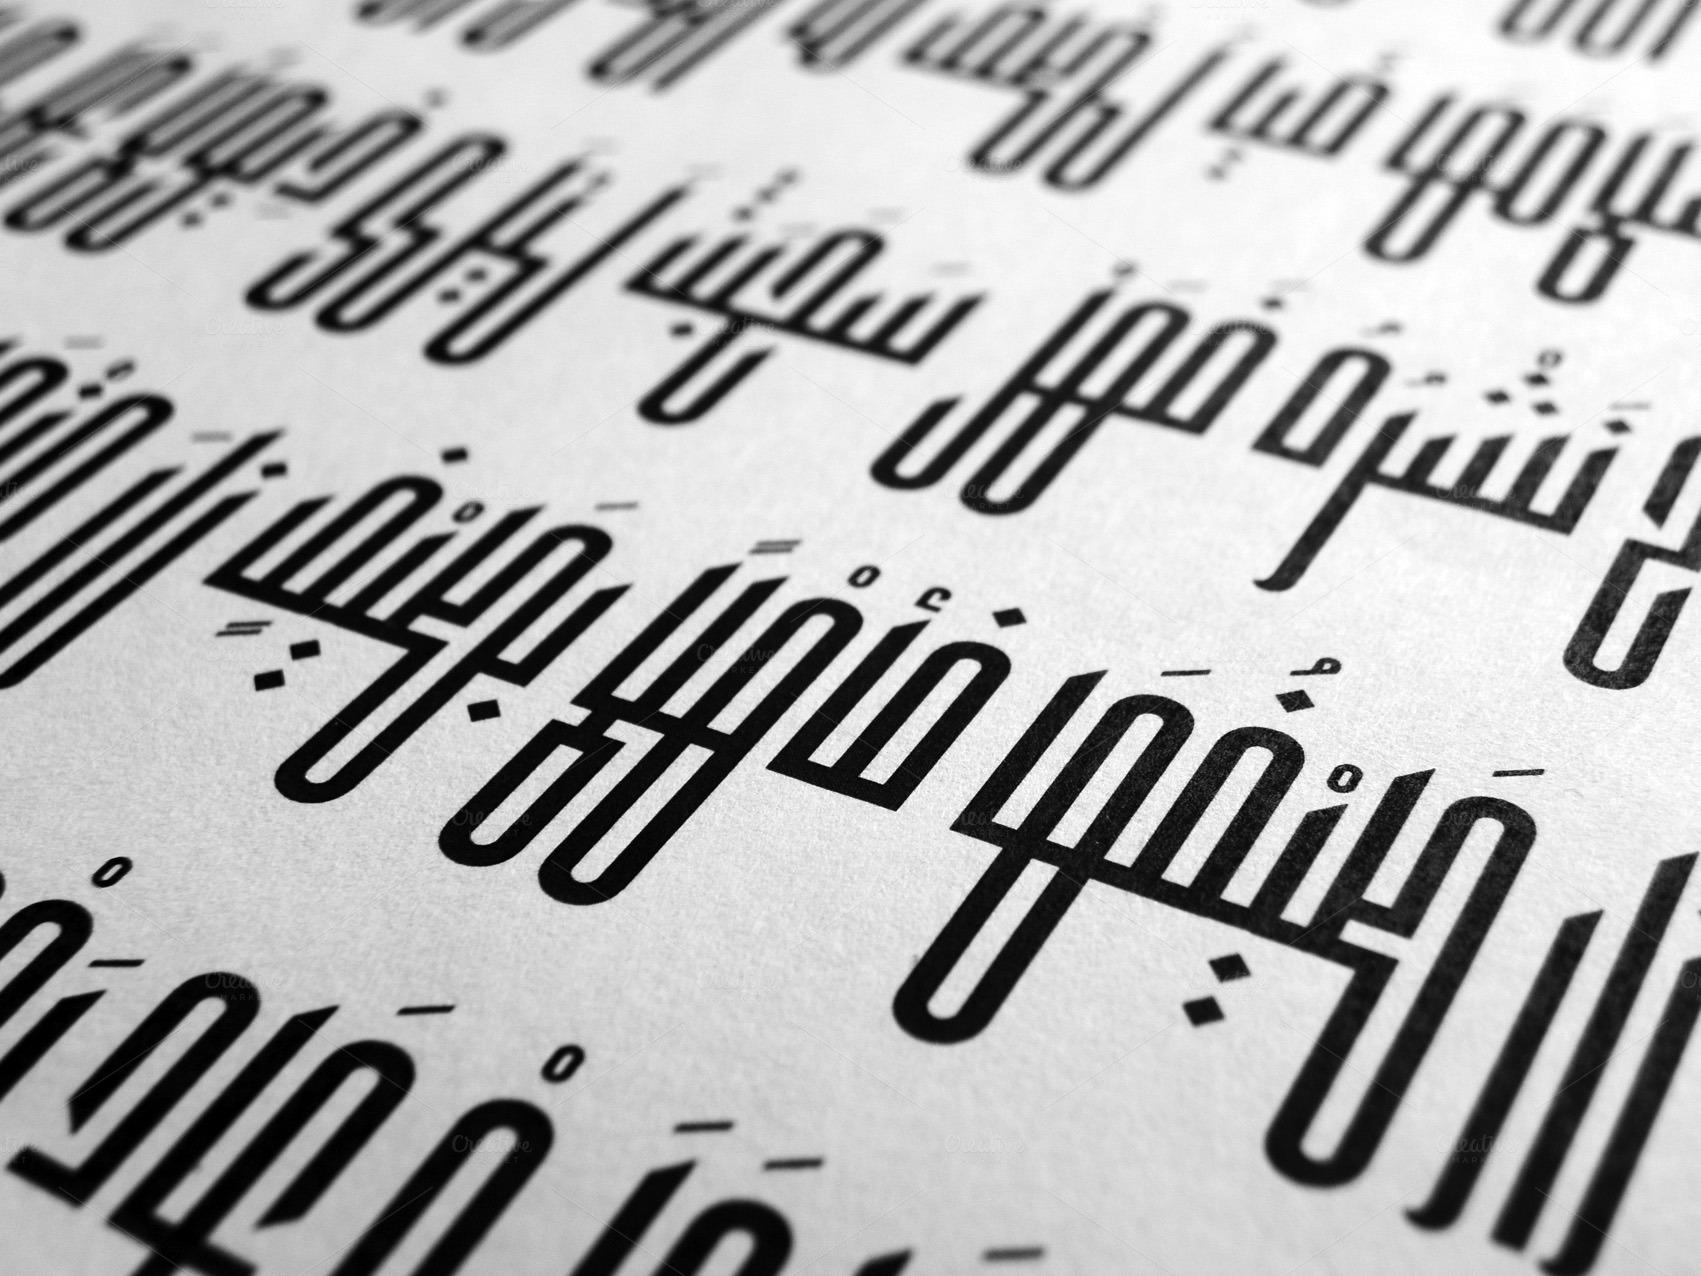 arabic font kaleem by mostafa el abasiry on